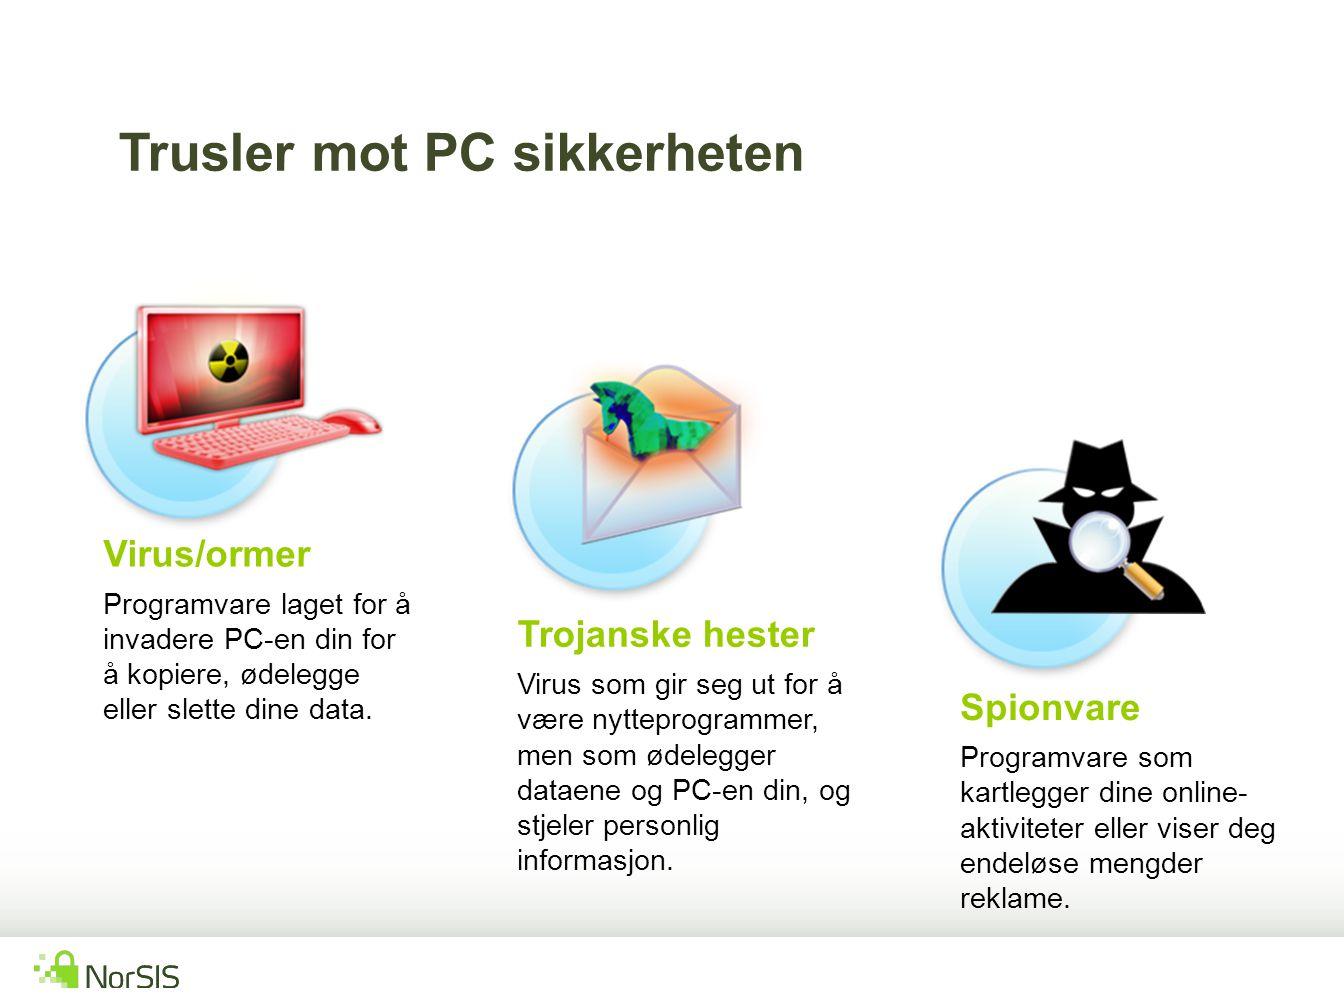 Trusler mot PC sikkerheten